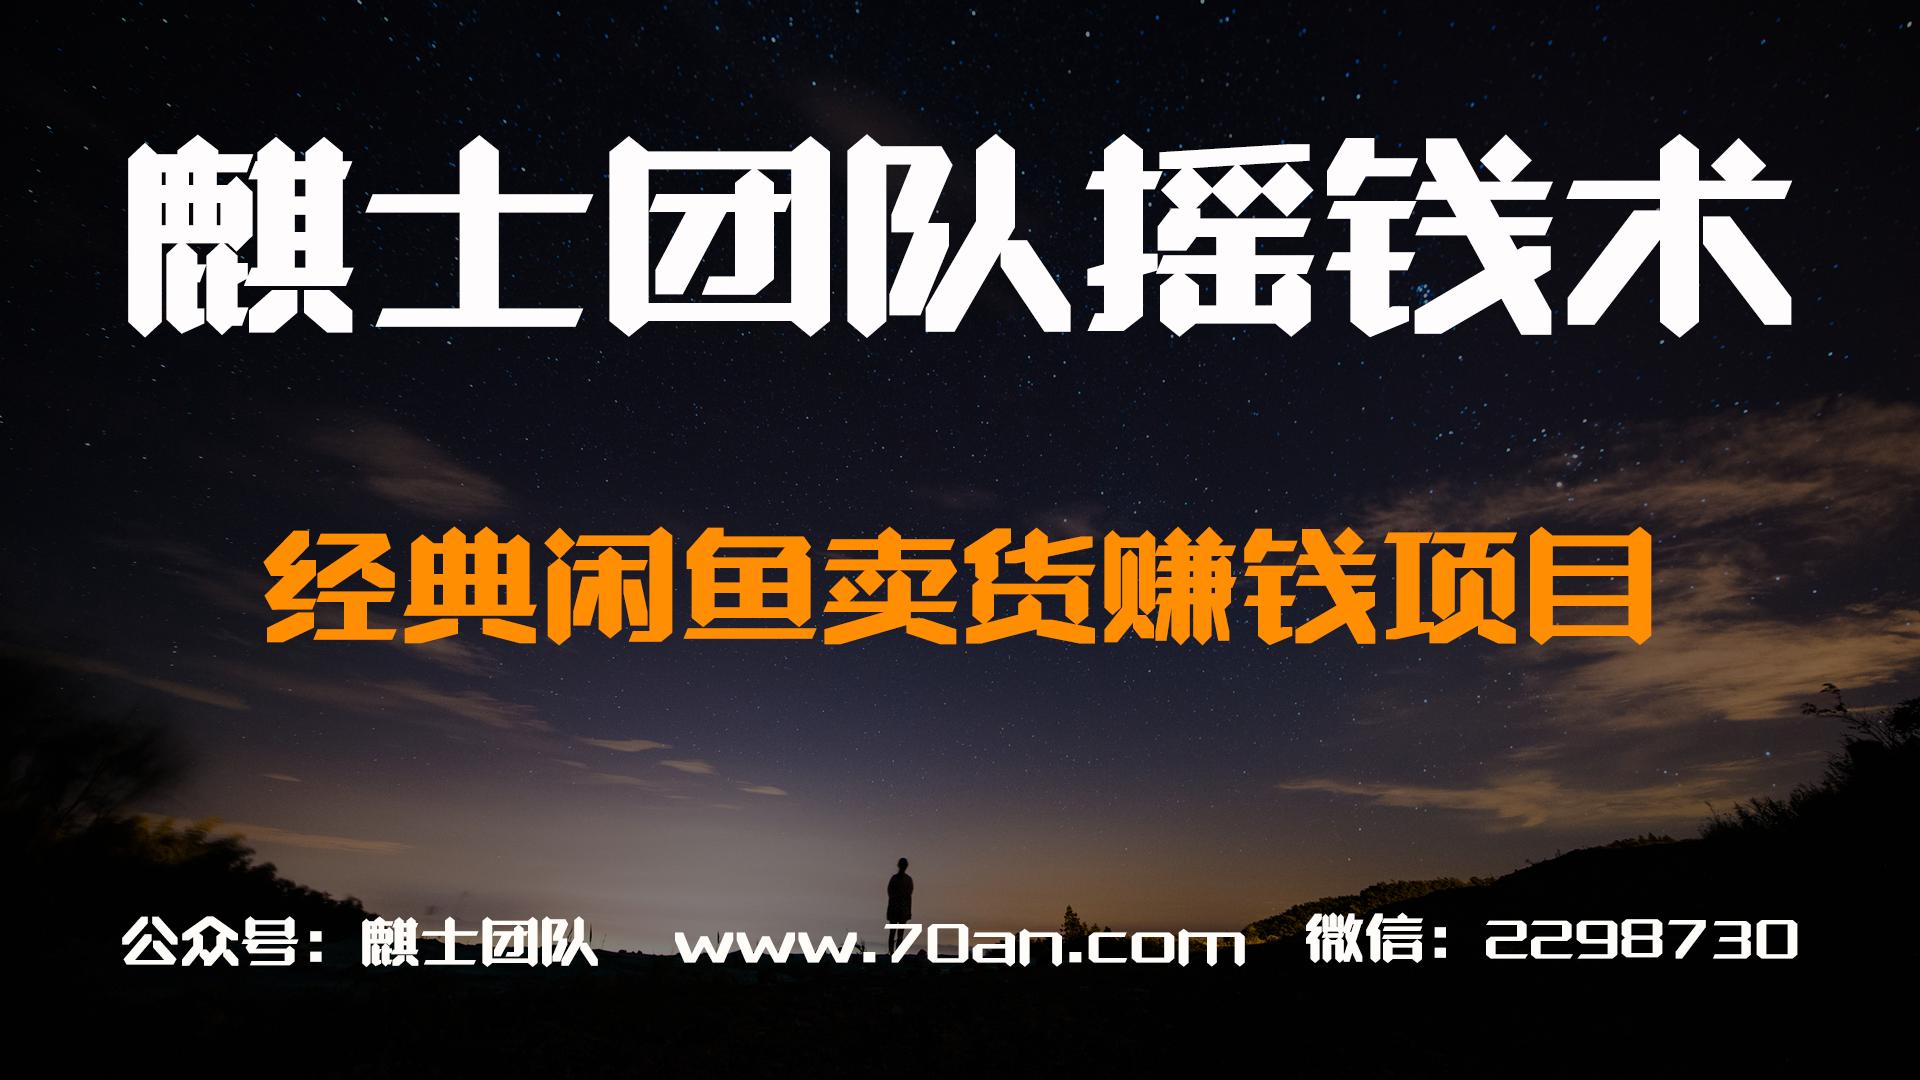 麒士团队摇钱术06:经典闲鱼最新卖货赚钱项目